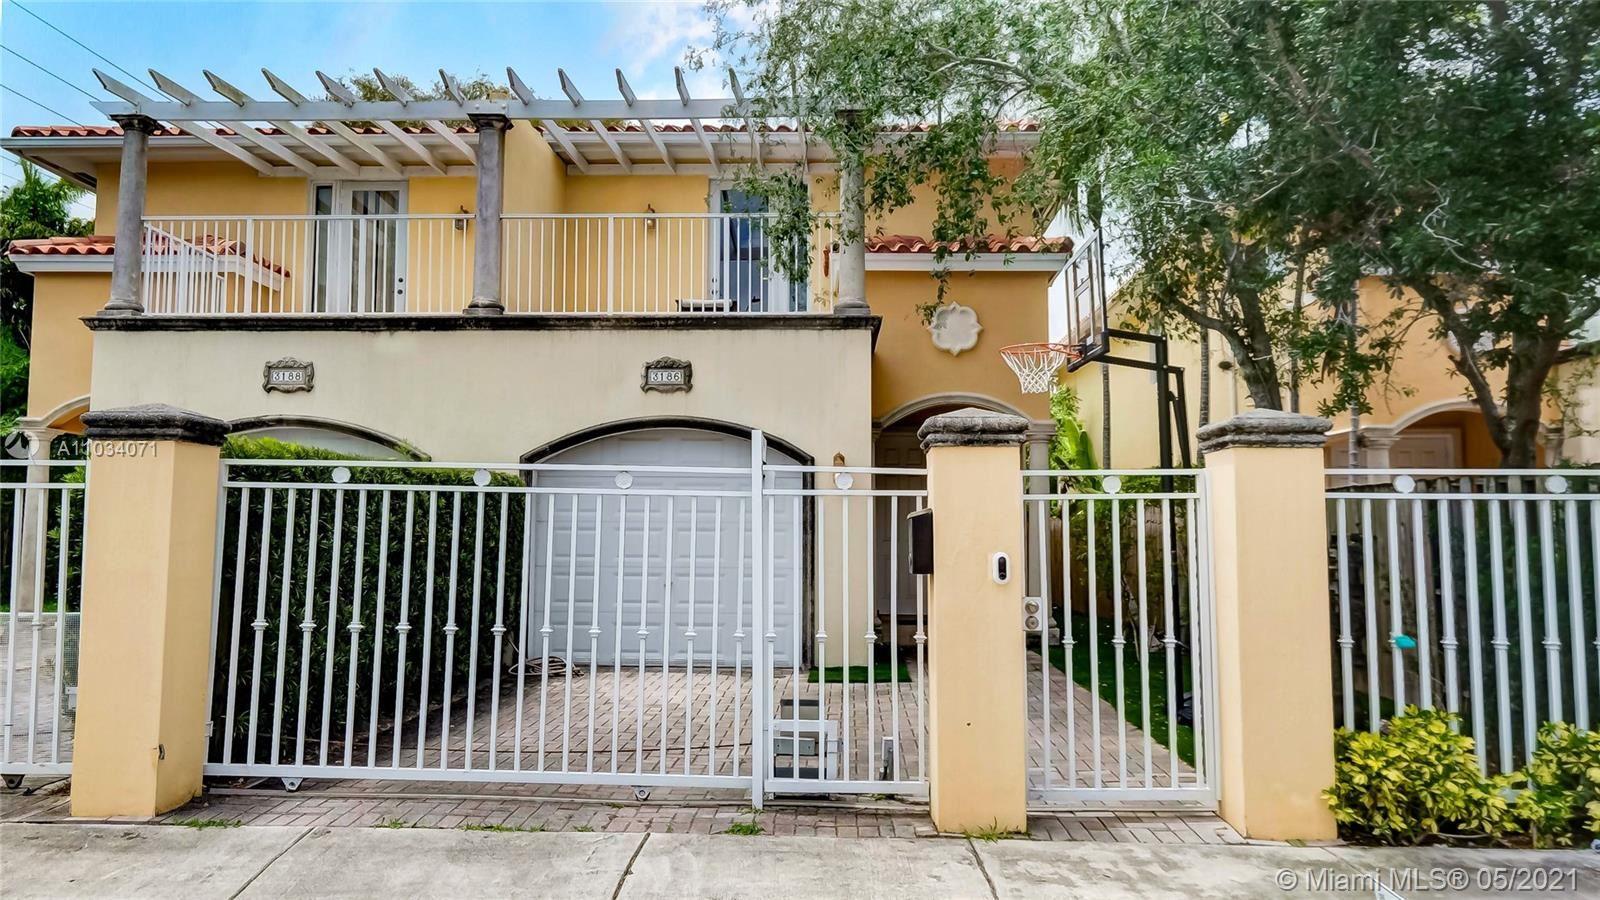 3186 New York St #3186, Miami, FL 33133 - #: A11034071